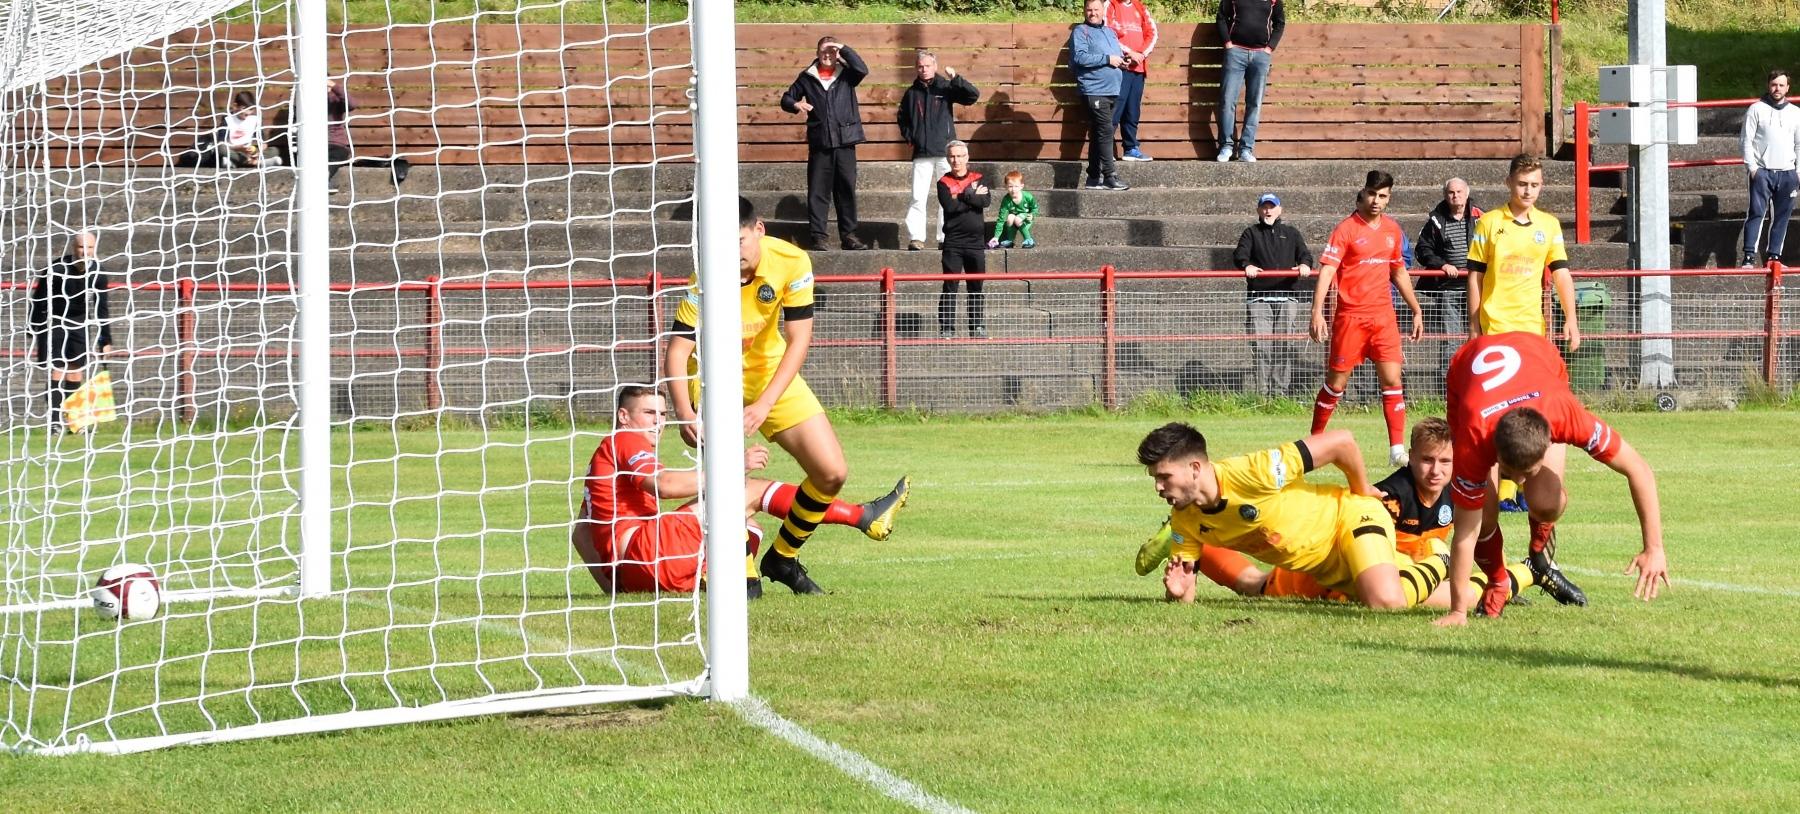 Workington-Reds-v-Pickering-Town-Ben-Challis-21-Happy-Birthday-Cieran-Casson